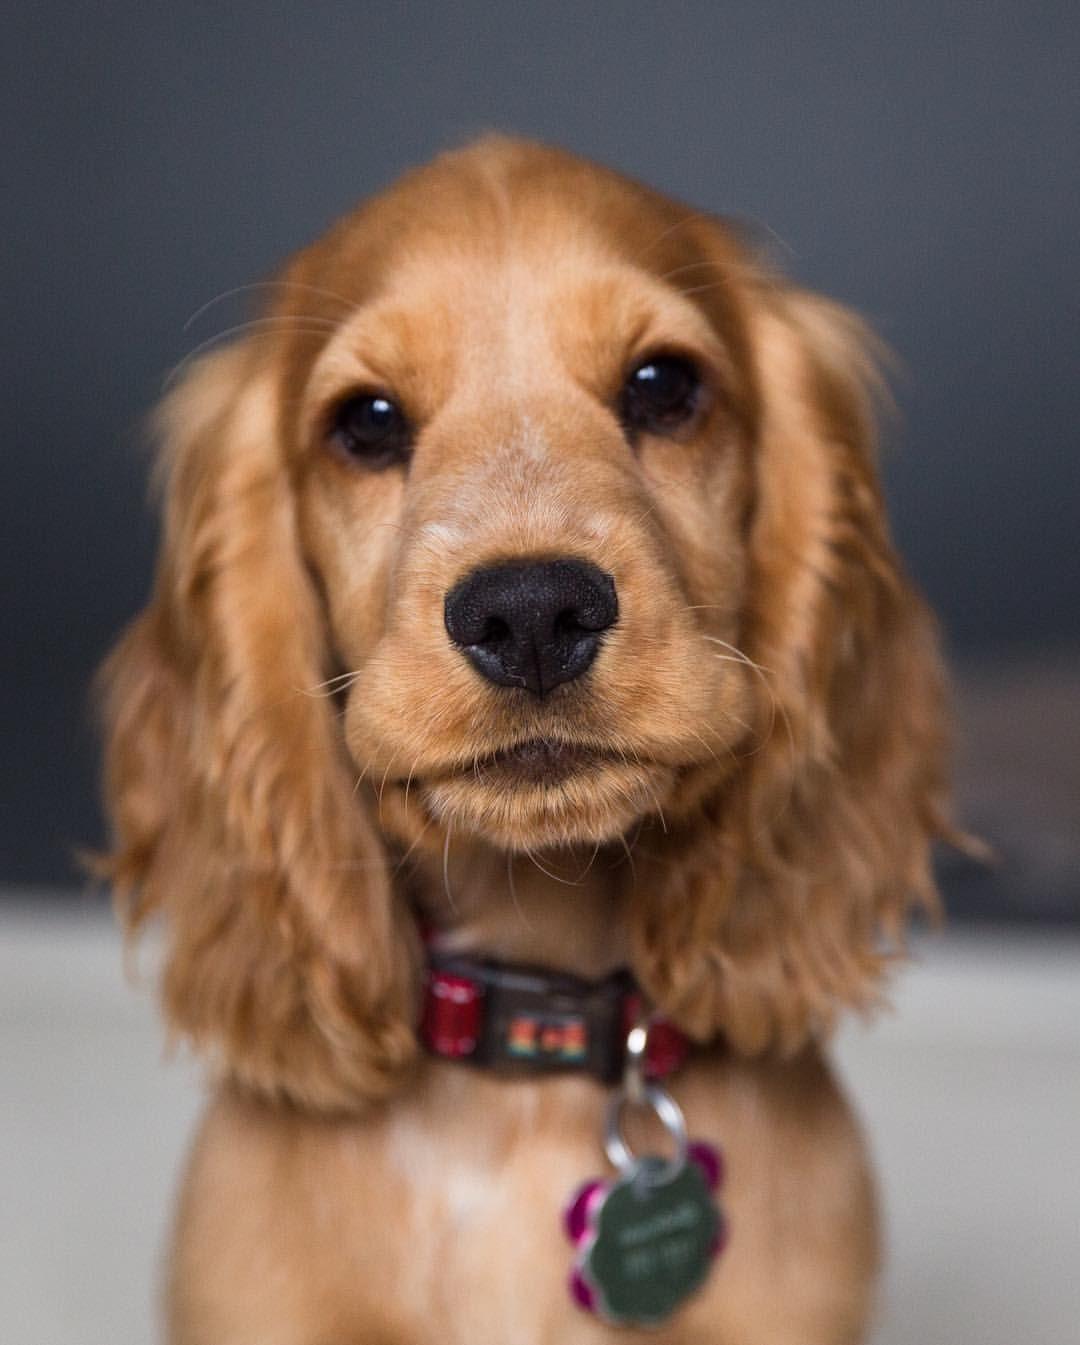 Mi Piace 1 082 Commenti 21 M I S S R U B Y Miss Ruby The Cocker Spaniel Su Instagram So The Humans Cocker Spaniel Puppies Dogs Cocker Spaniel Dog